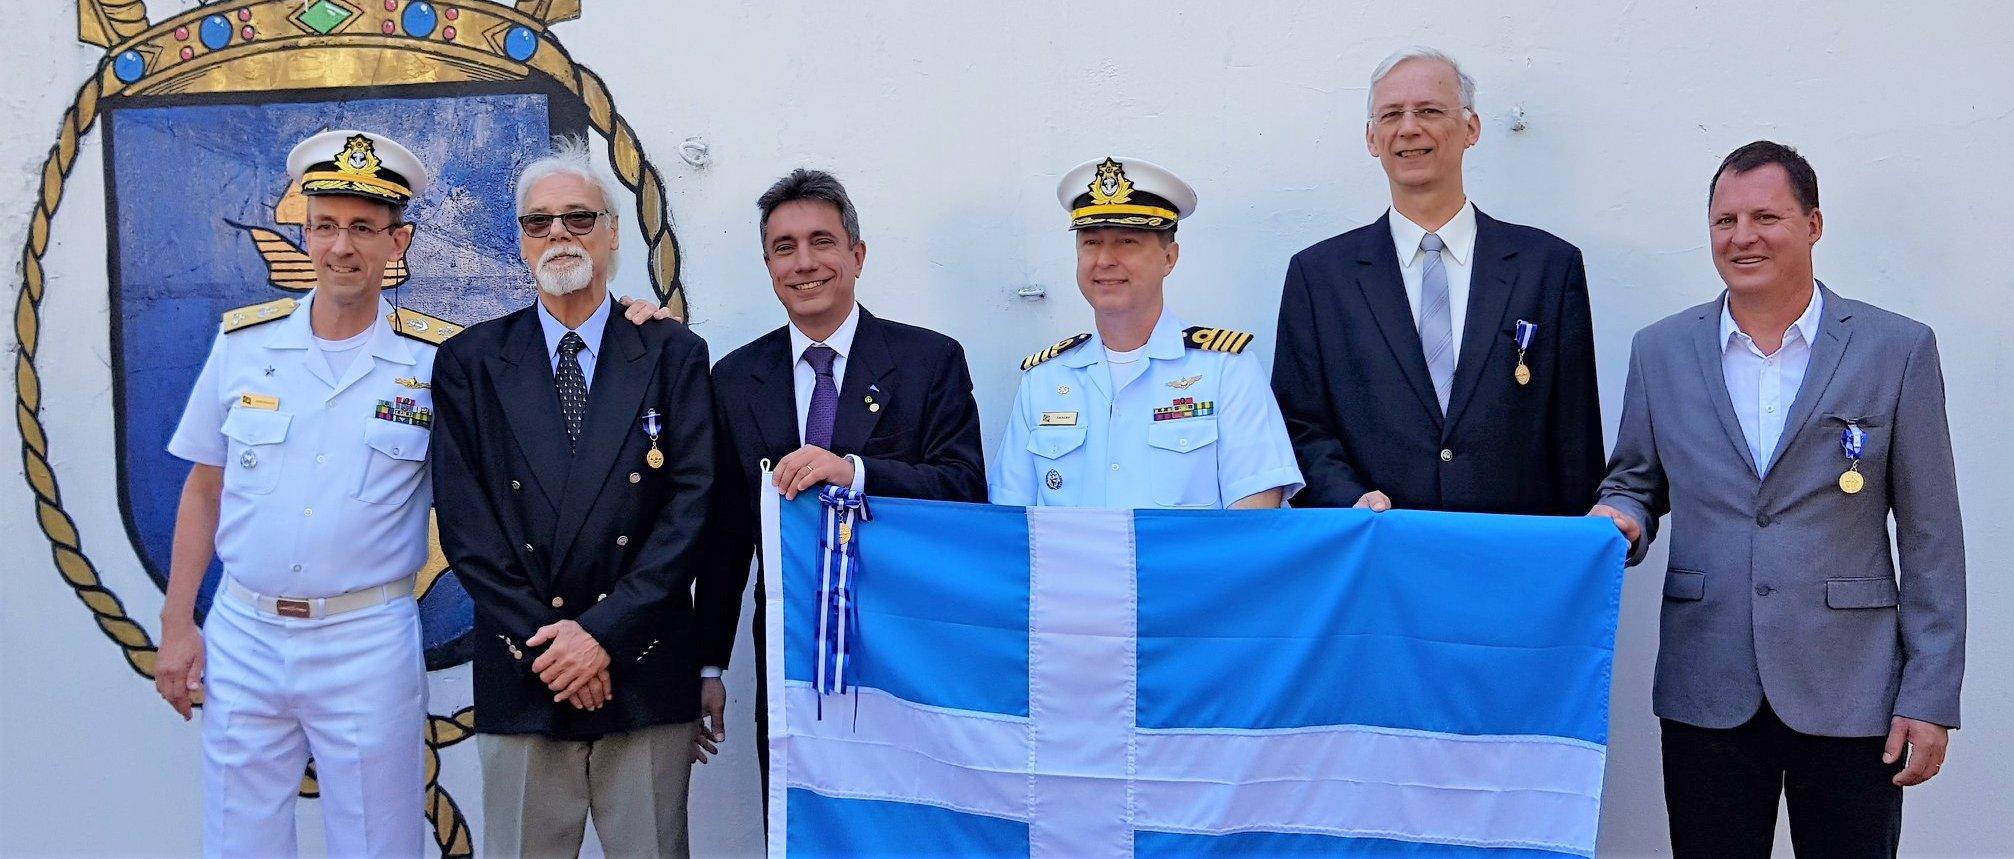 VDS recebeu medalha Amigos da Marinha